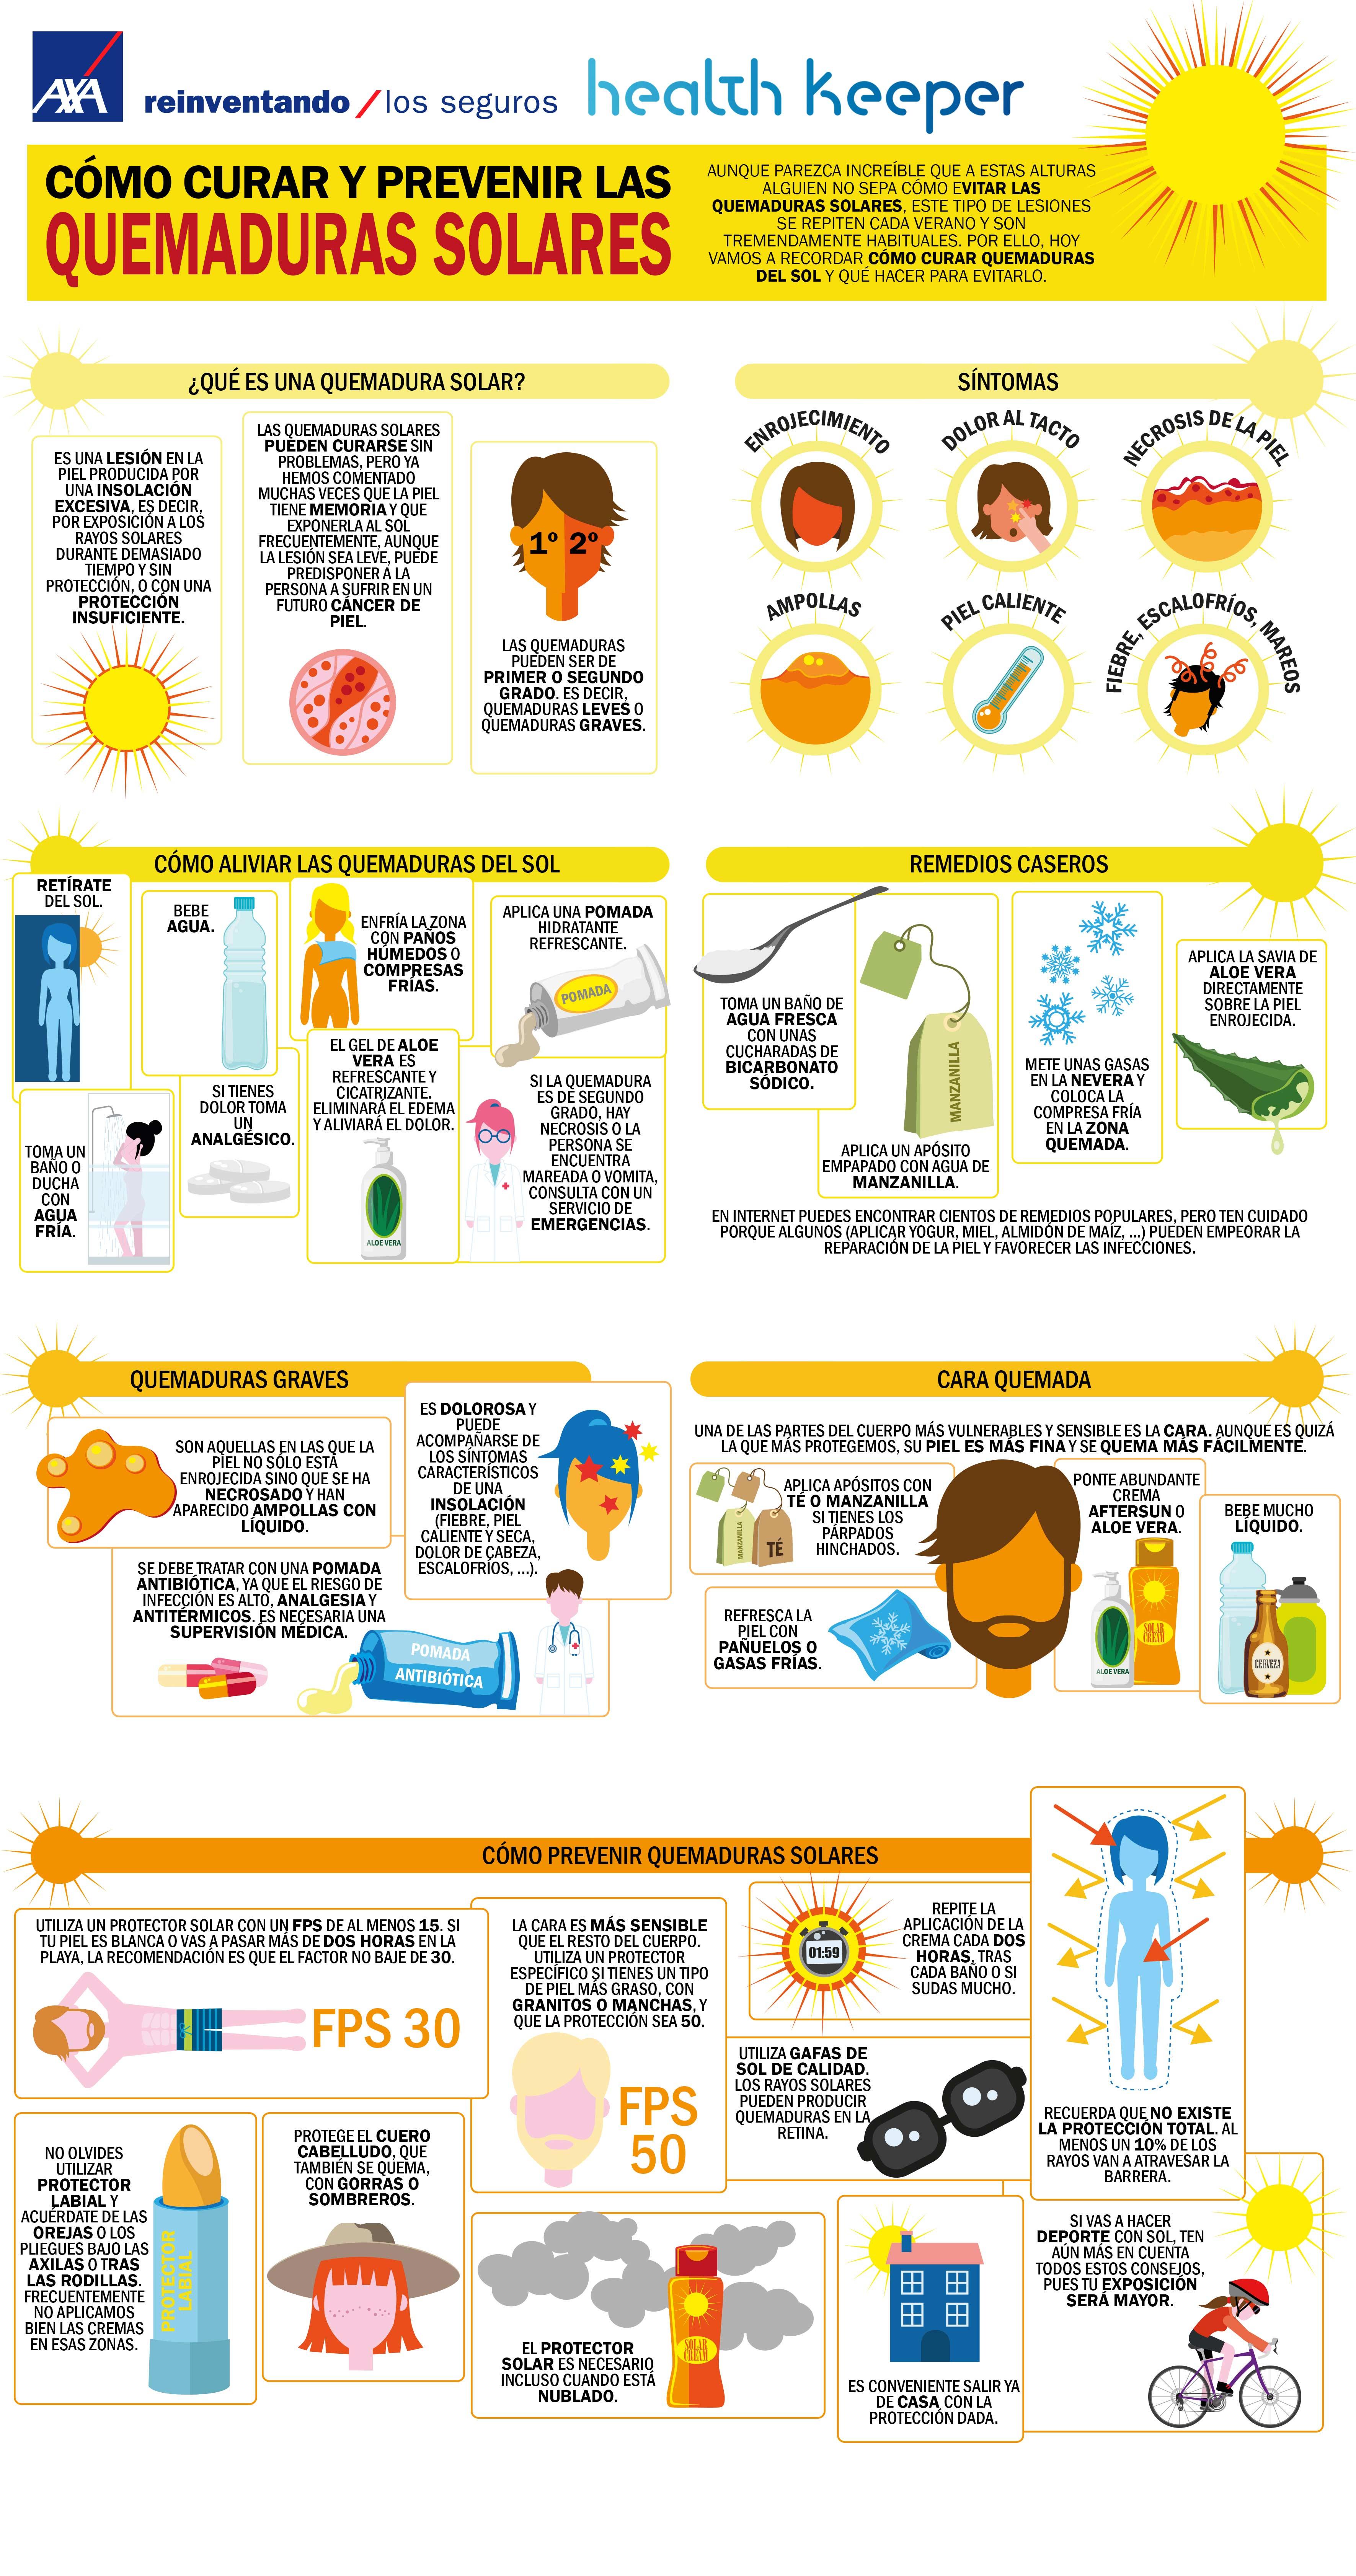 Cómo curar quemaduras solares y prevenirlas | Axa